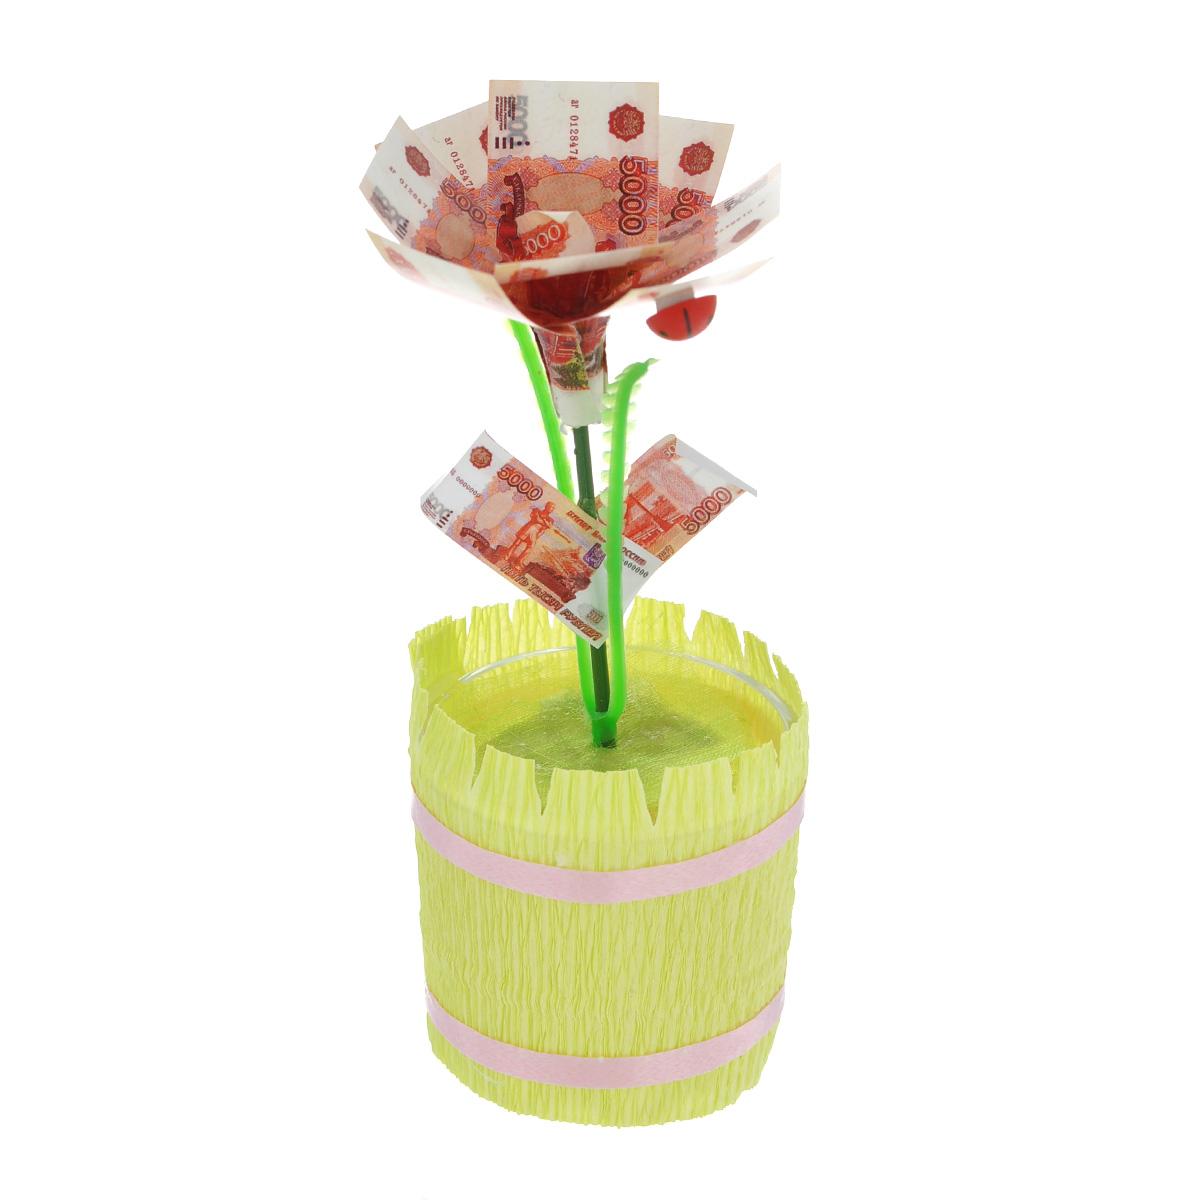 Фигурка декоративная Расцвет бизнеса, цвет: желтый, зеленый фигурка декоративная эврика жизнь полна сюрпризов но ты самый приятный